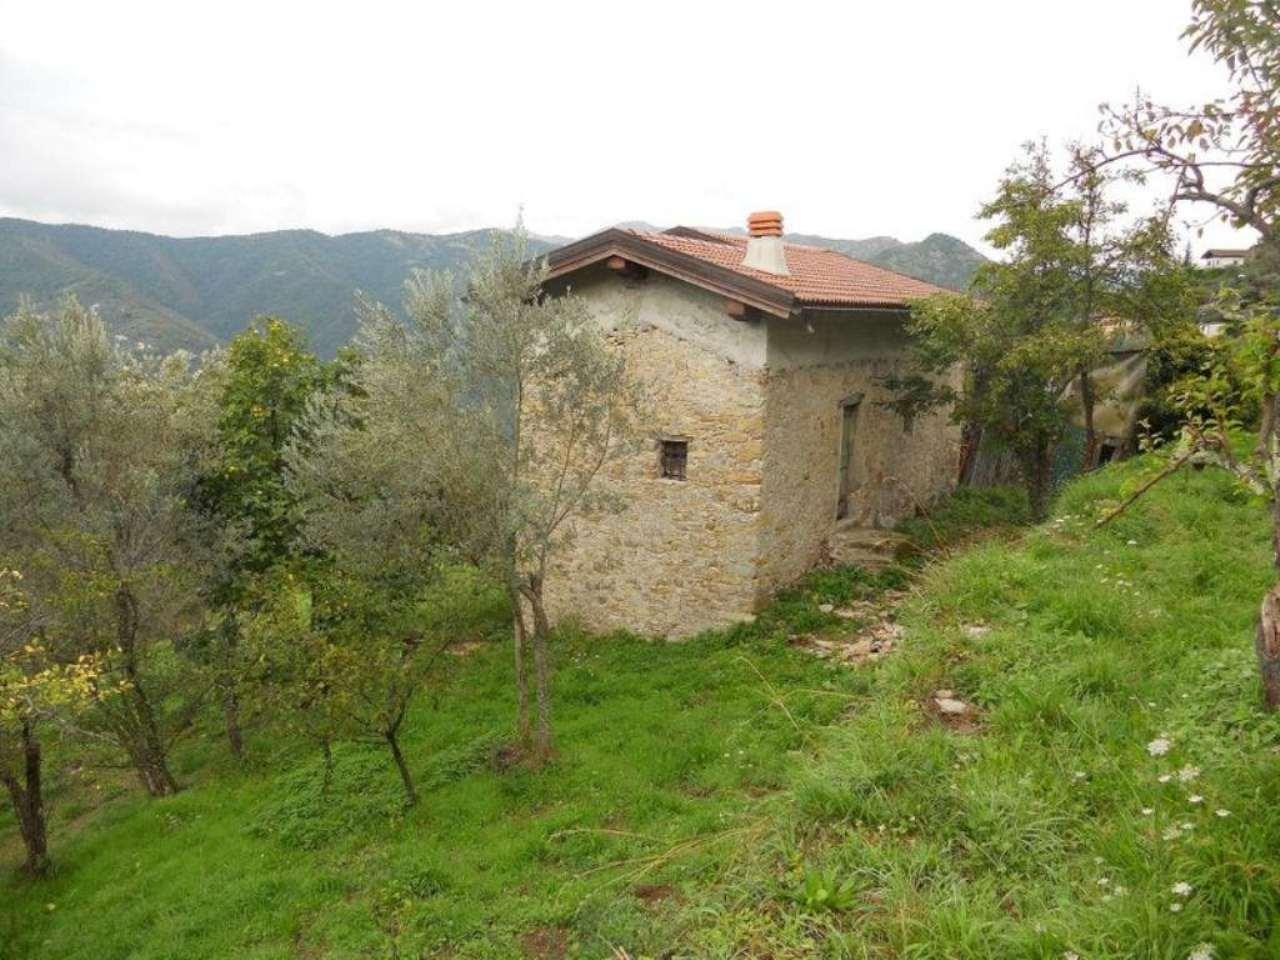 Rustico / Casale in vendita a Avegno, 5 locali, prezzo € 55.000 | Cambio Casa.it